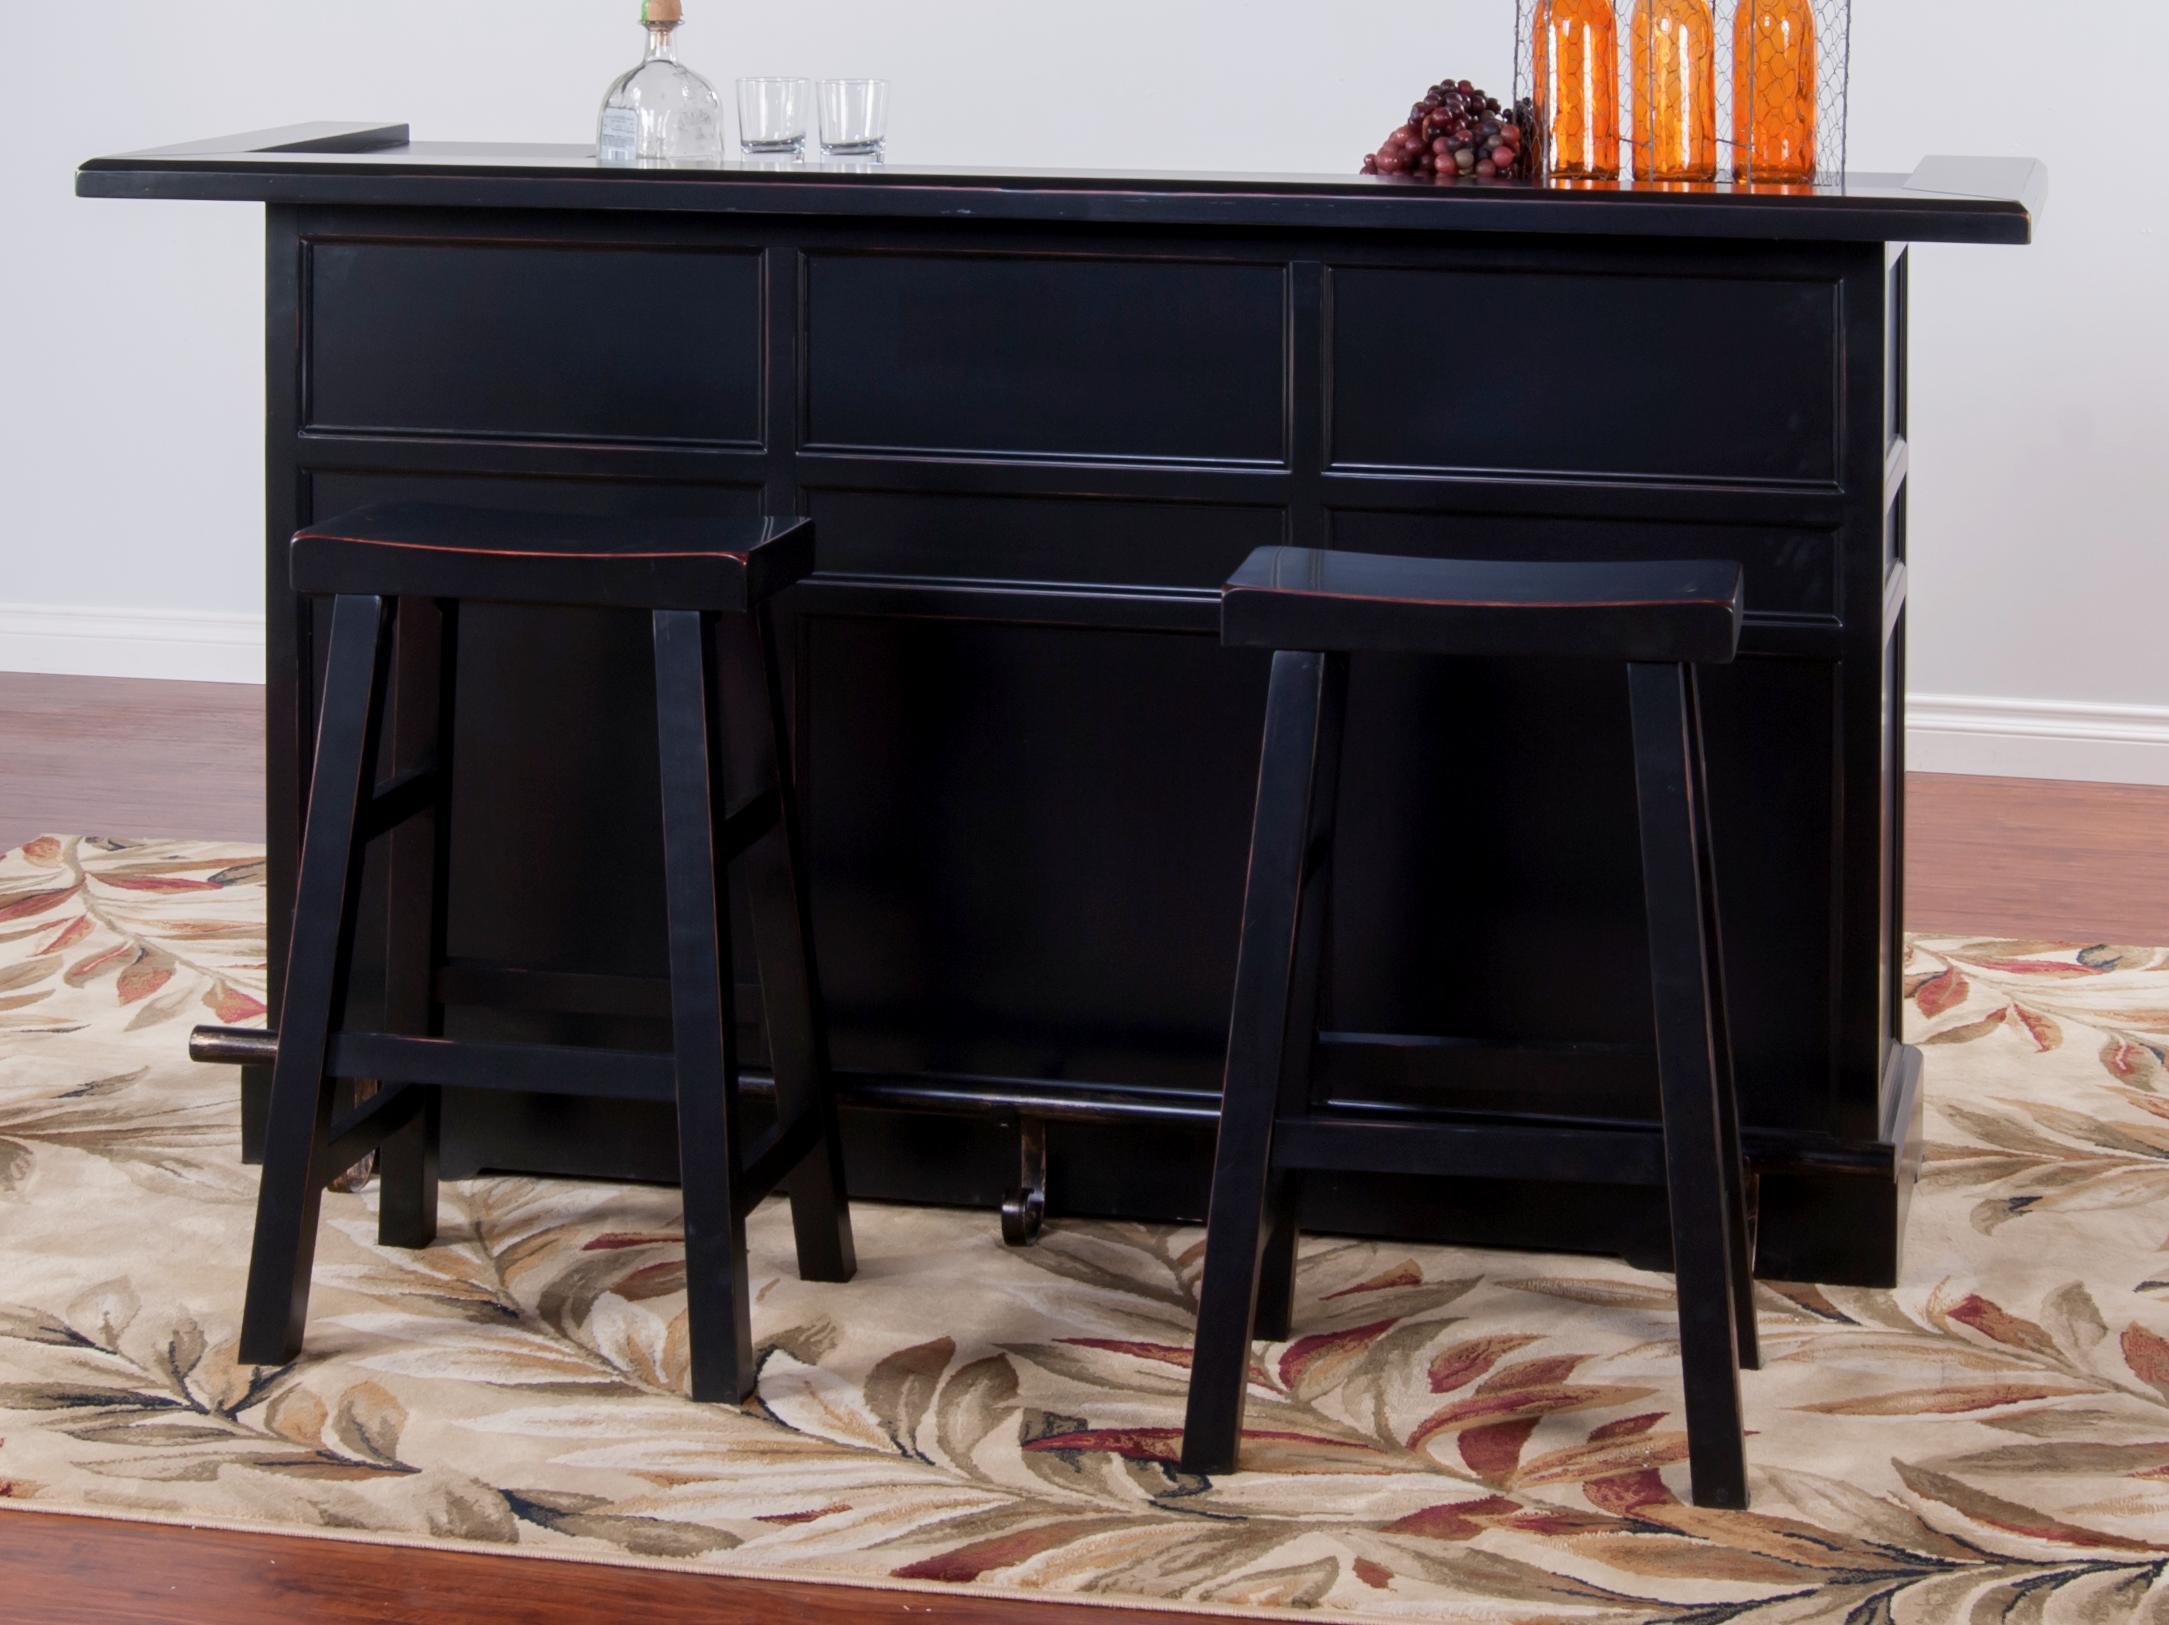 Morris Home Furnishings Vandalia Vandalia Bar - Item Number: 394842441